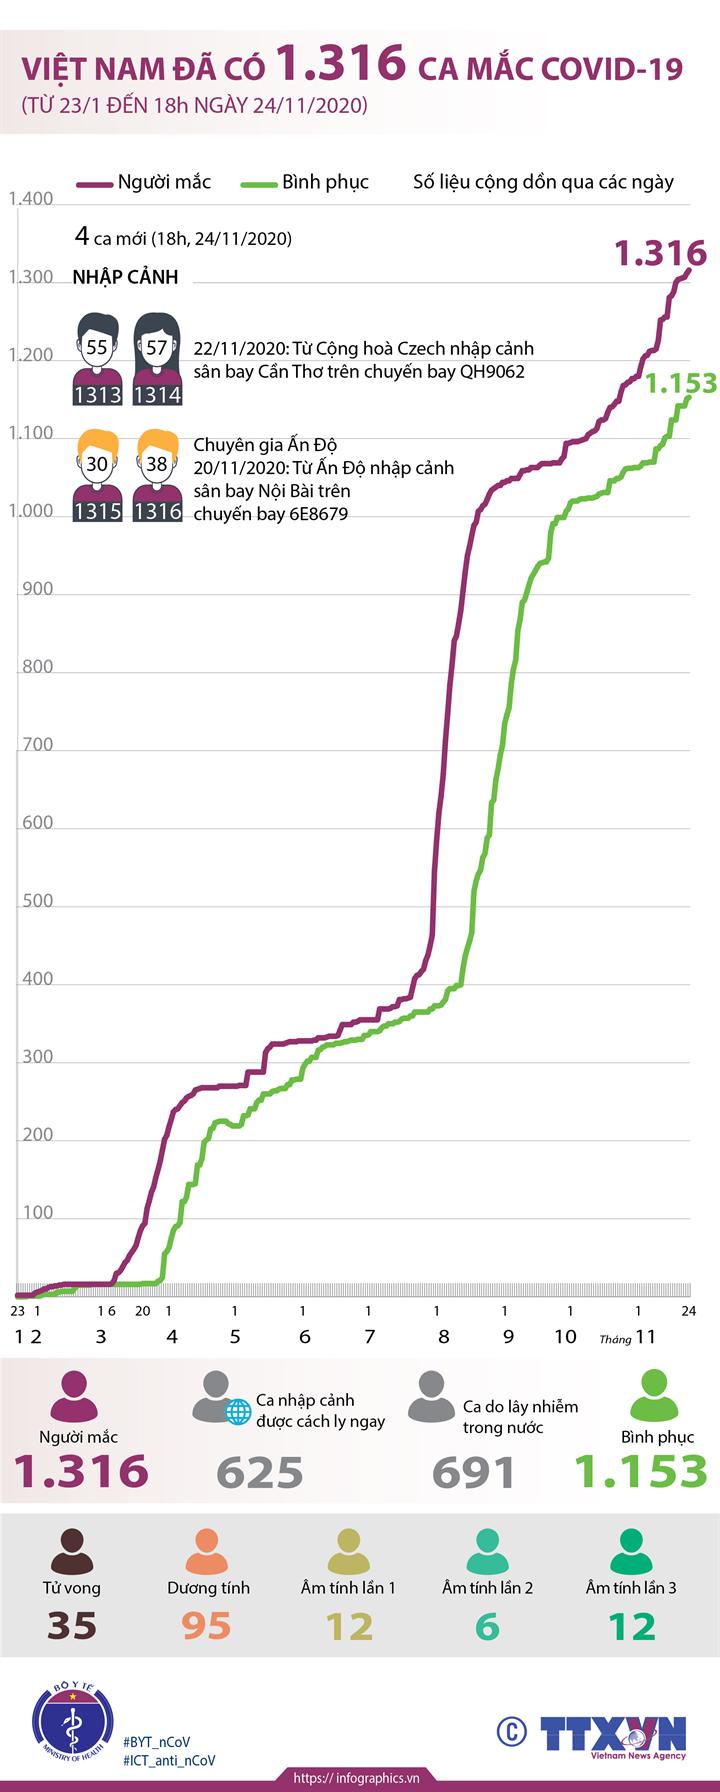 Việt Nam đã có 1.316 ca mắc COVID-19 (từ 23/1 đến 18h ngày 24/11/2020)